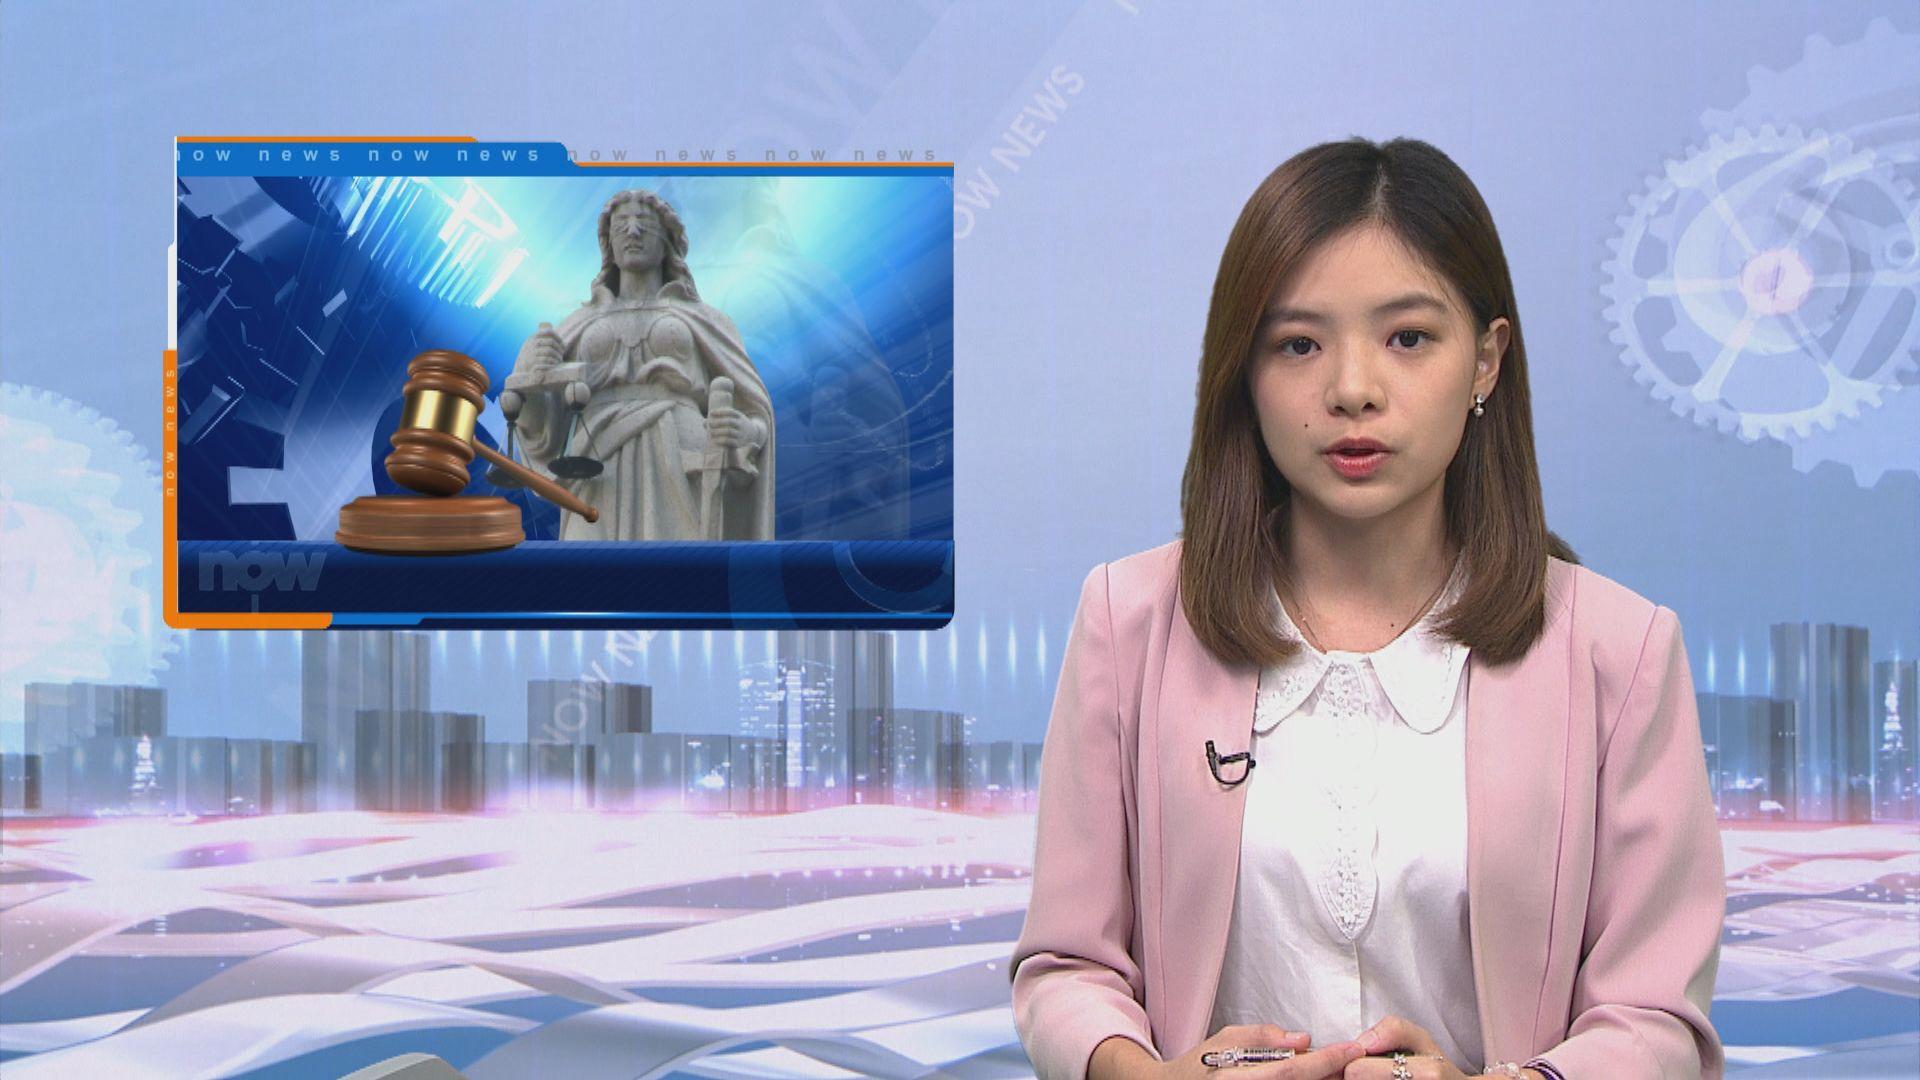 馮永業公職人員行為失當罪成 下月判刑